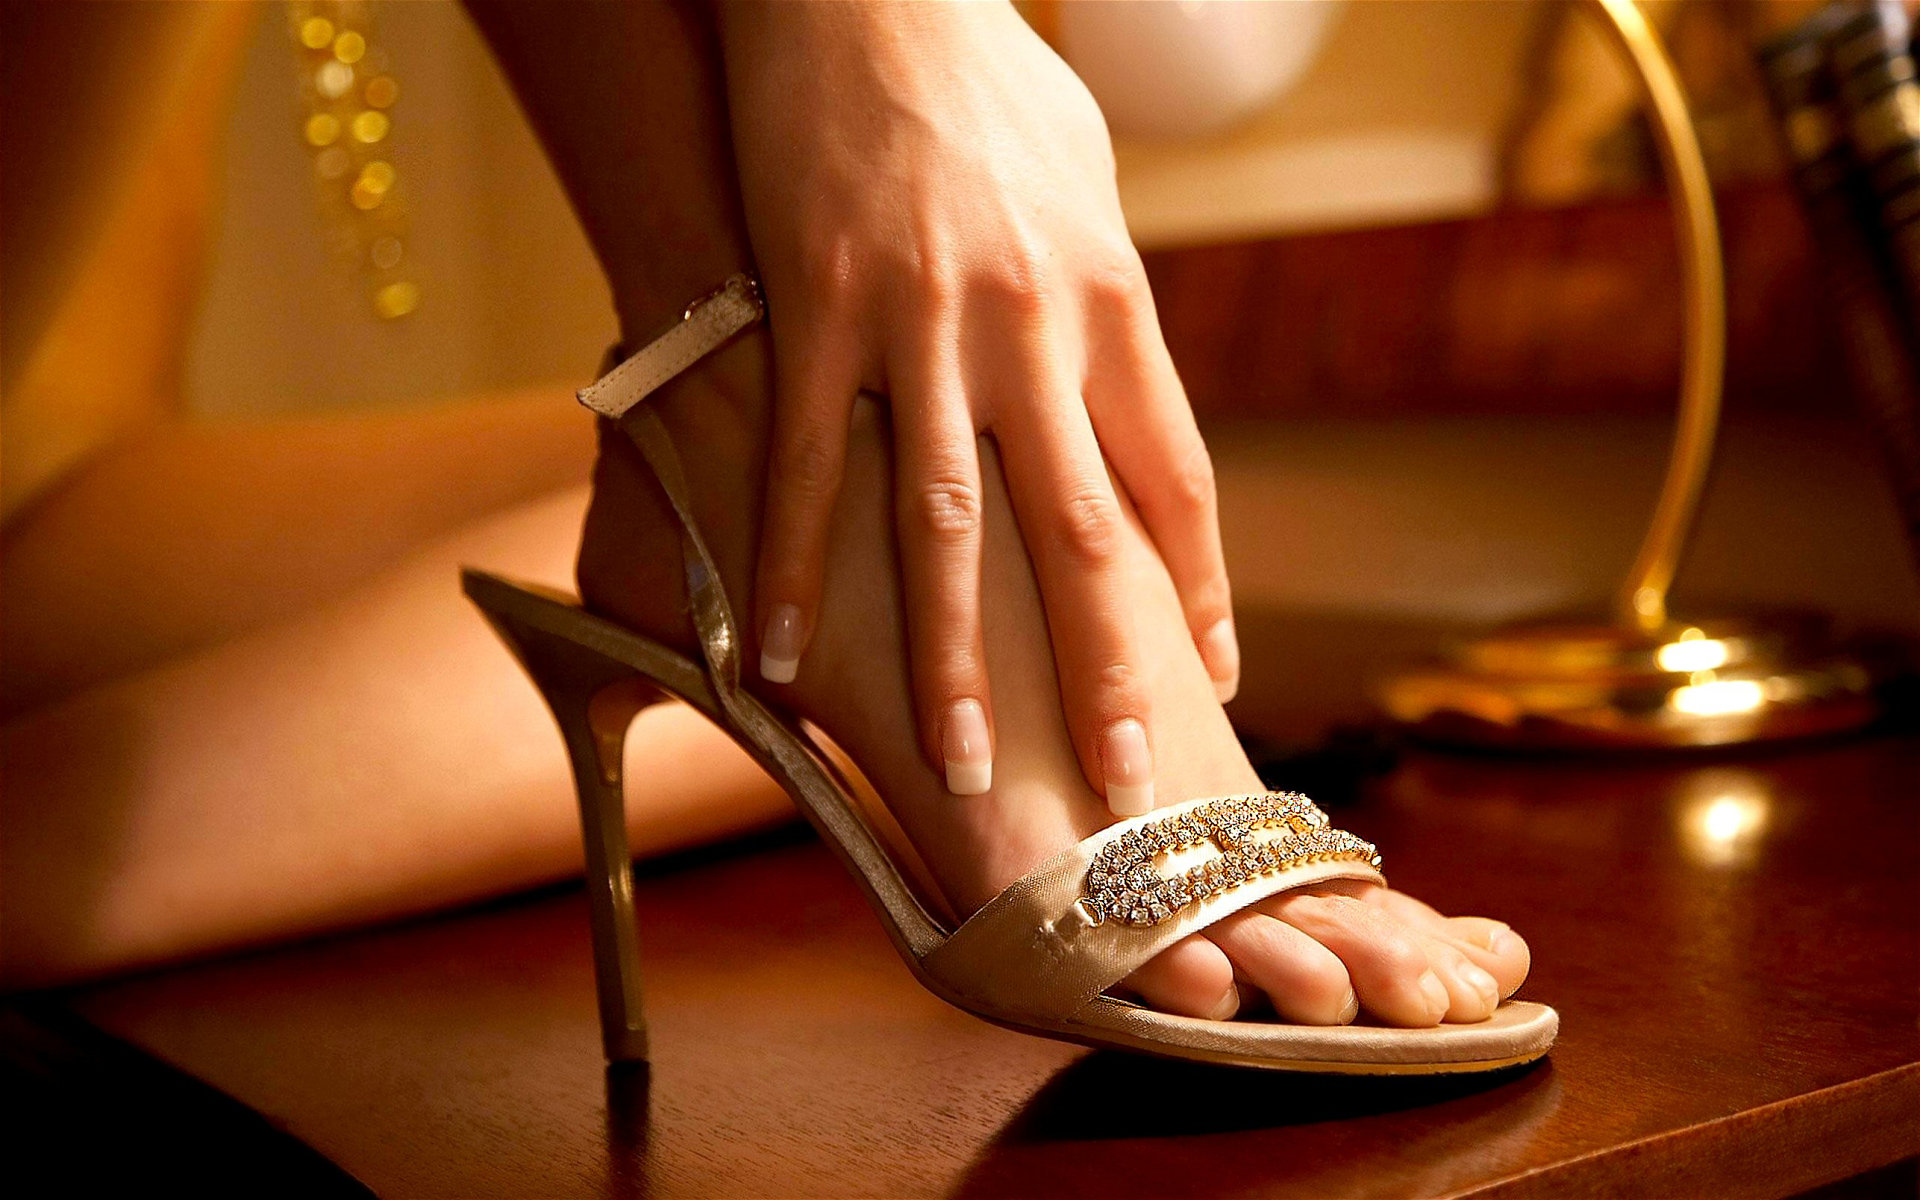 Women - Feet  Cinderella Shoe Hand Wallpaper